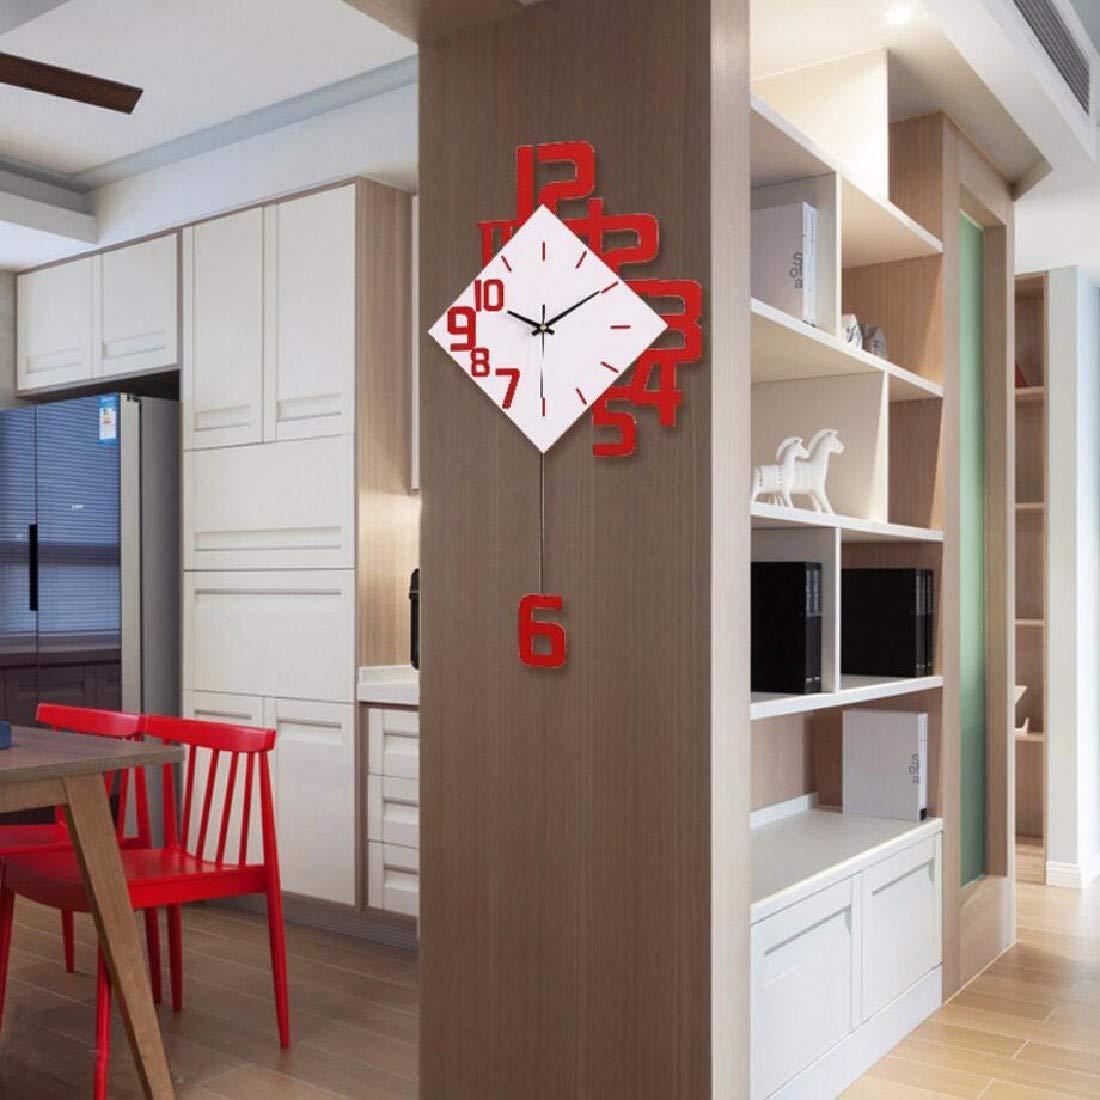 ZPSPZ Wanduhren Einfache Wohnzimmer Uhr Europäischer Art Wohnzimmer ...